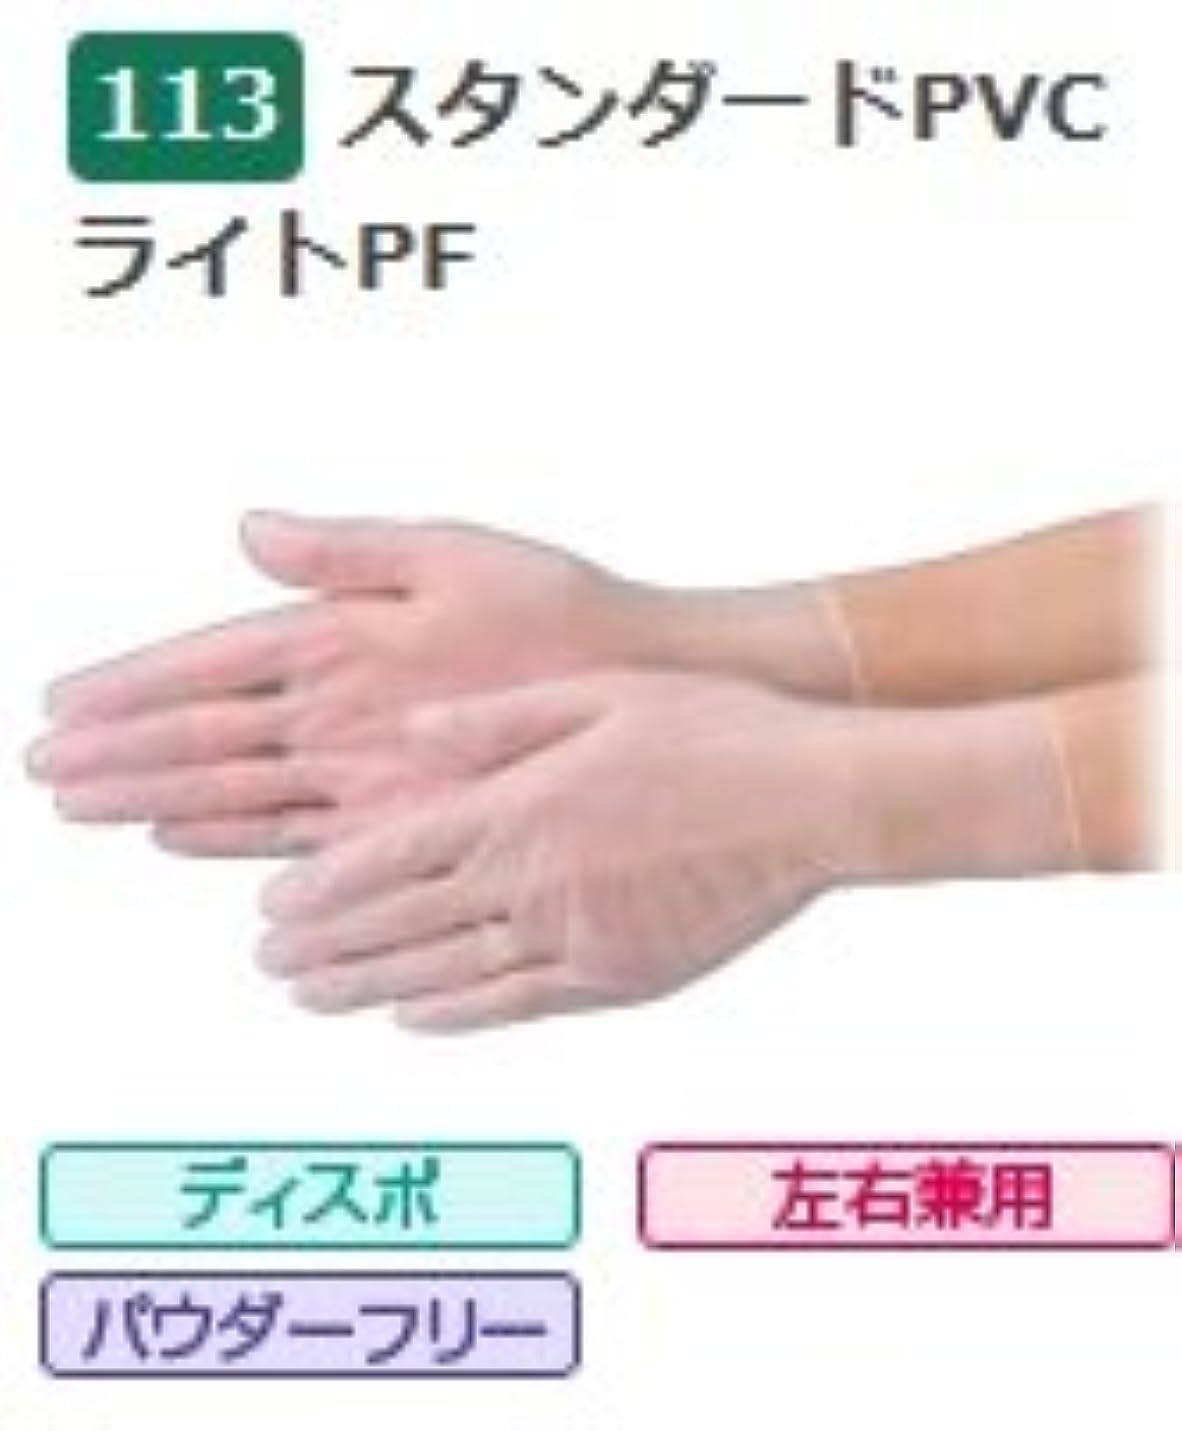 現実シエスタ超えるエブノ PVC手袋 No.113 S 半透明 (100枚×30箱) スタンダードPVCライト PF